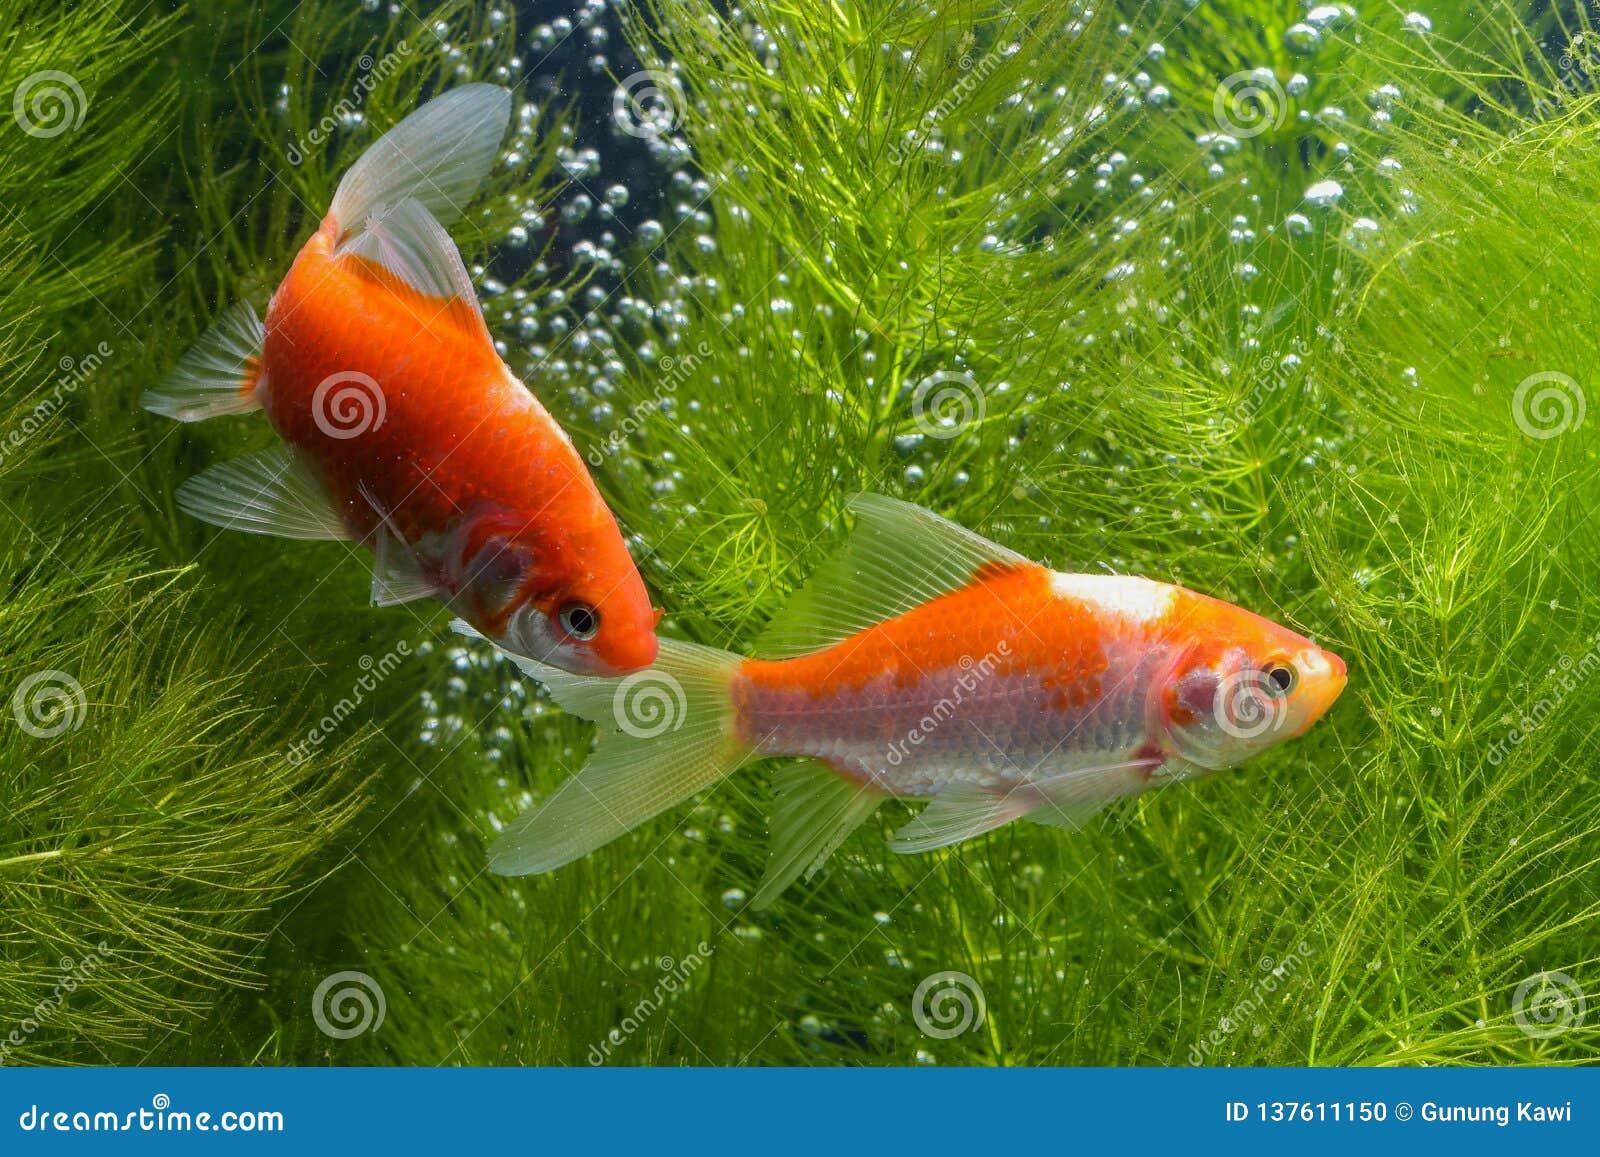 ikan koi atau secara spesifiknya koi berasal dari bahasa jepang yang berarti ikan karper lebih spesifik lagi merujuk pada nishiki 137611150